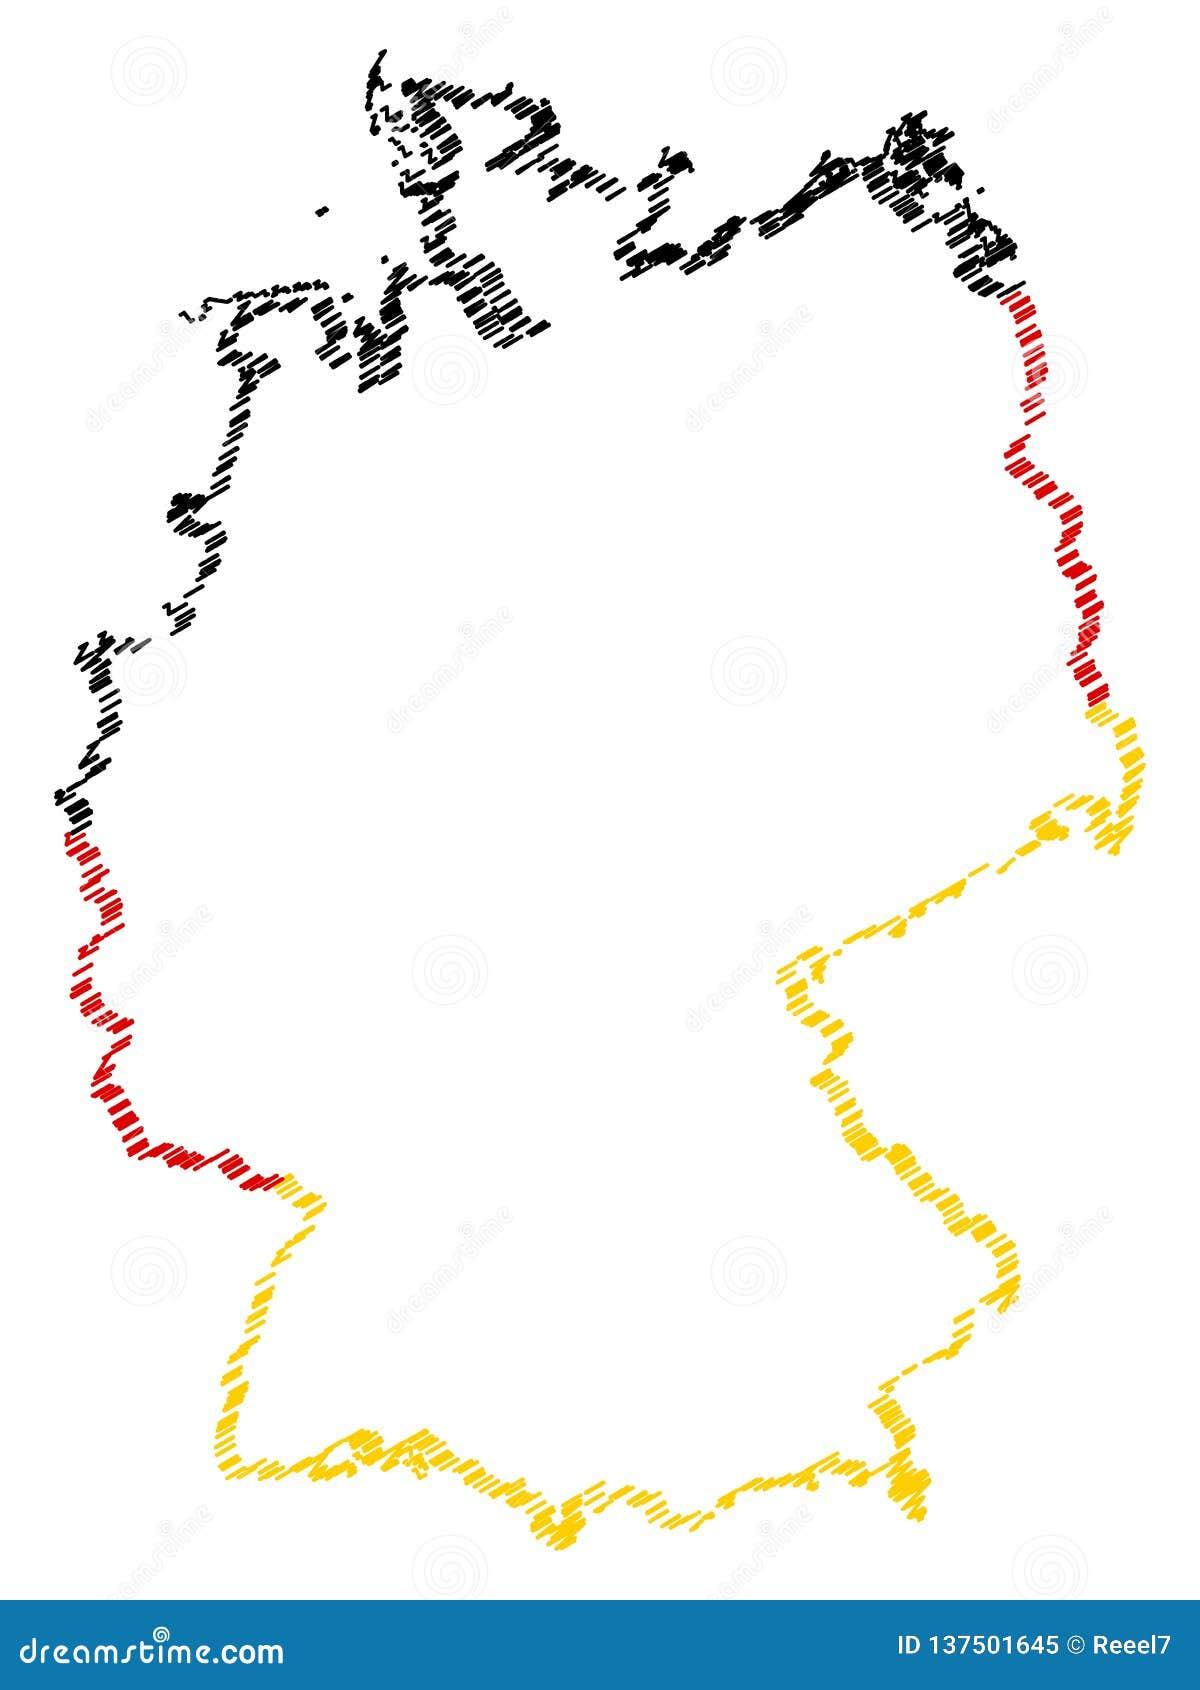 Carte Allemagne Noir Et Blanc.Carte Abstraite Blanche De L Allemagne Avec Une Decoupe De